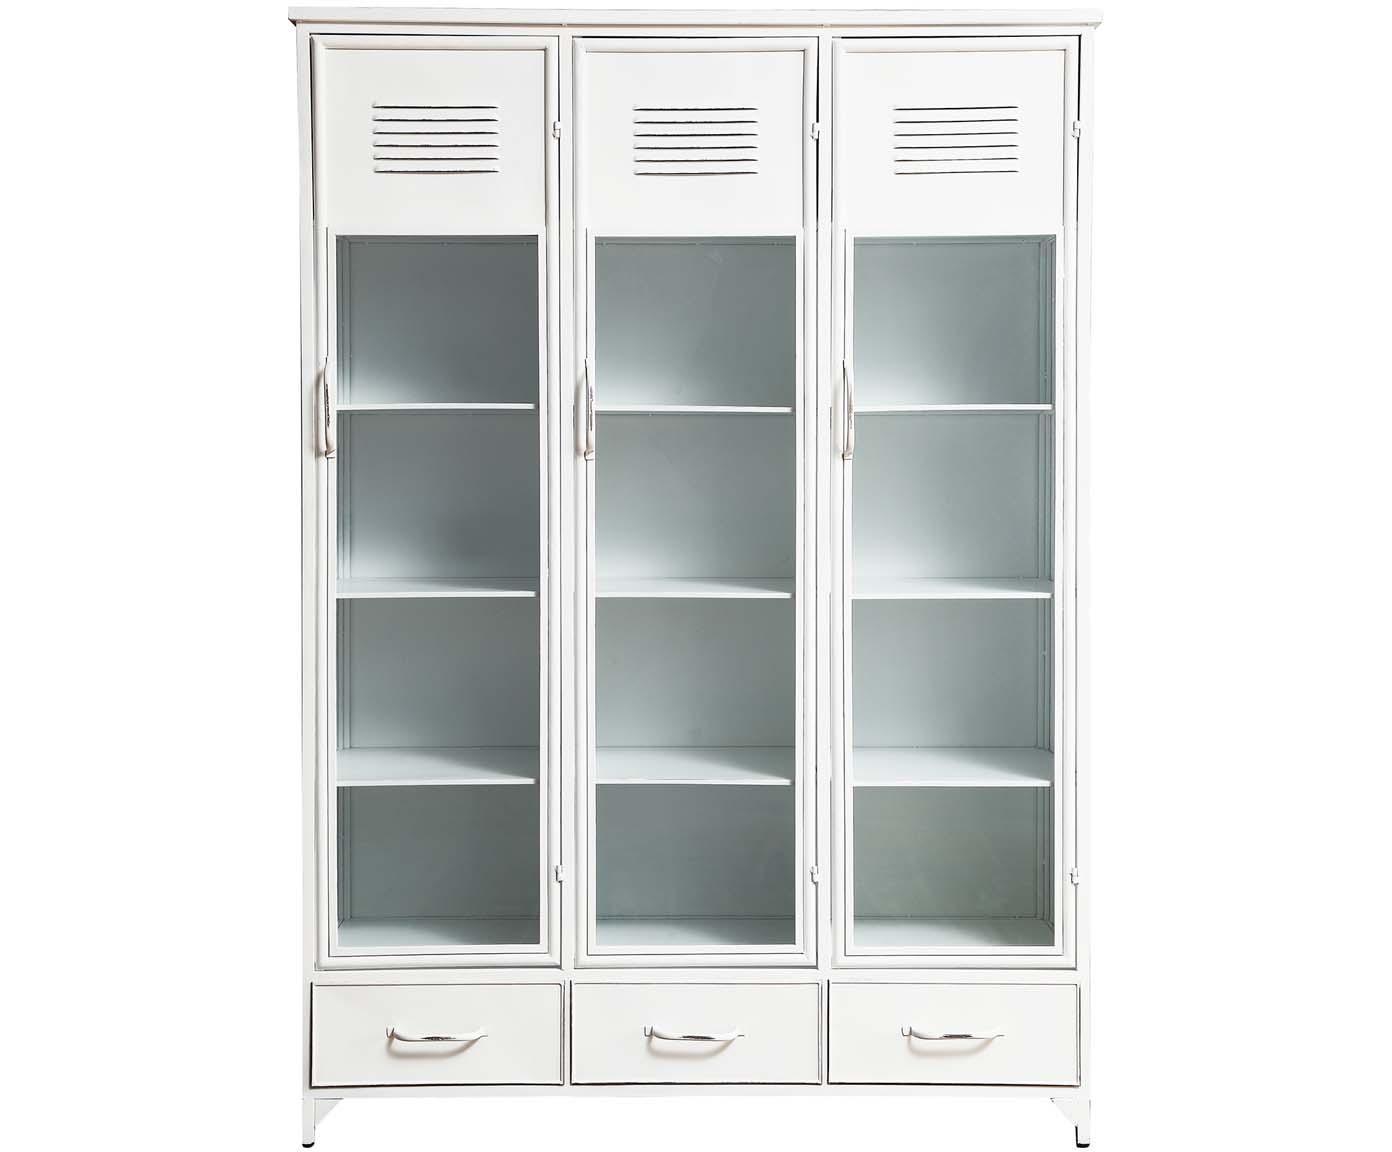 Vitrinekast Looki met glazen deuren, Wit, 125 x 180 cm